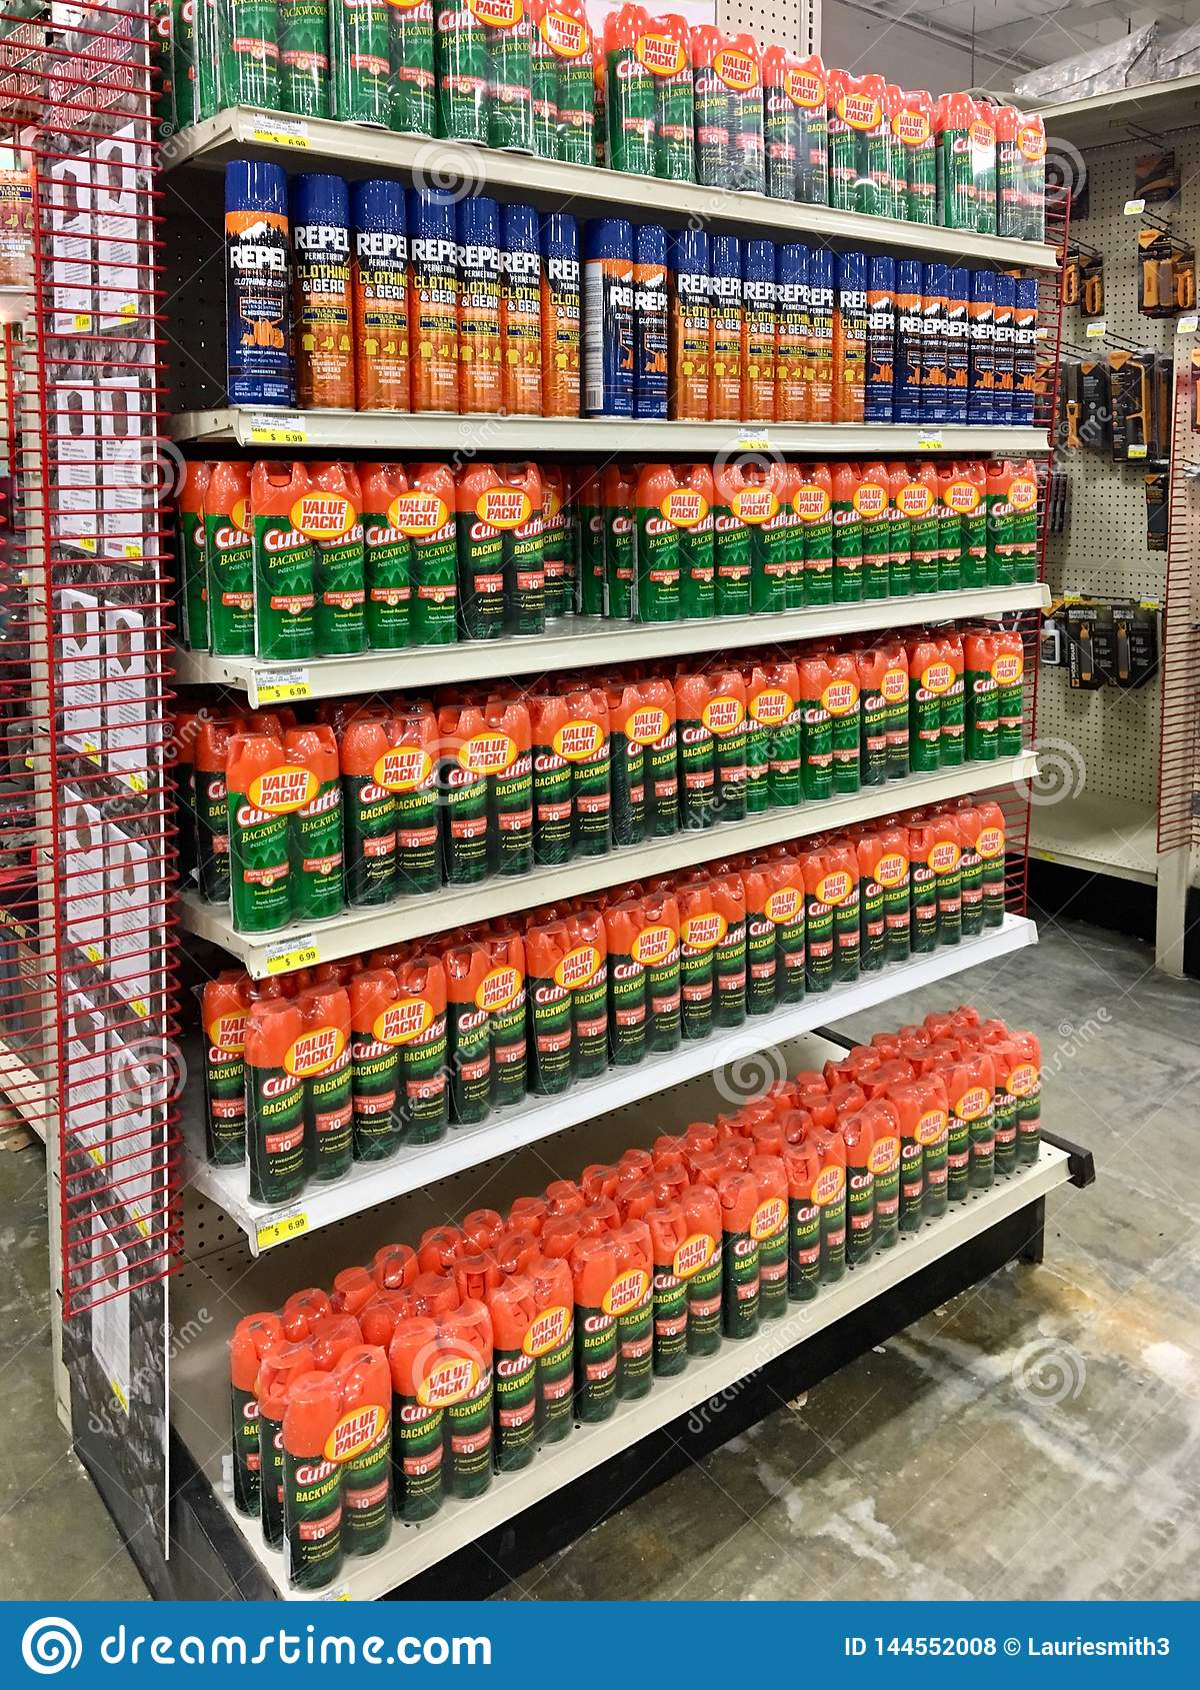 ΚΥΡΙΟ ΆΡΘΡΟ: Διάφορες απωθητικές ουσίες εντόμων για την πώληση σε έναν